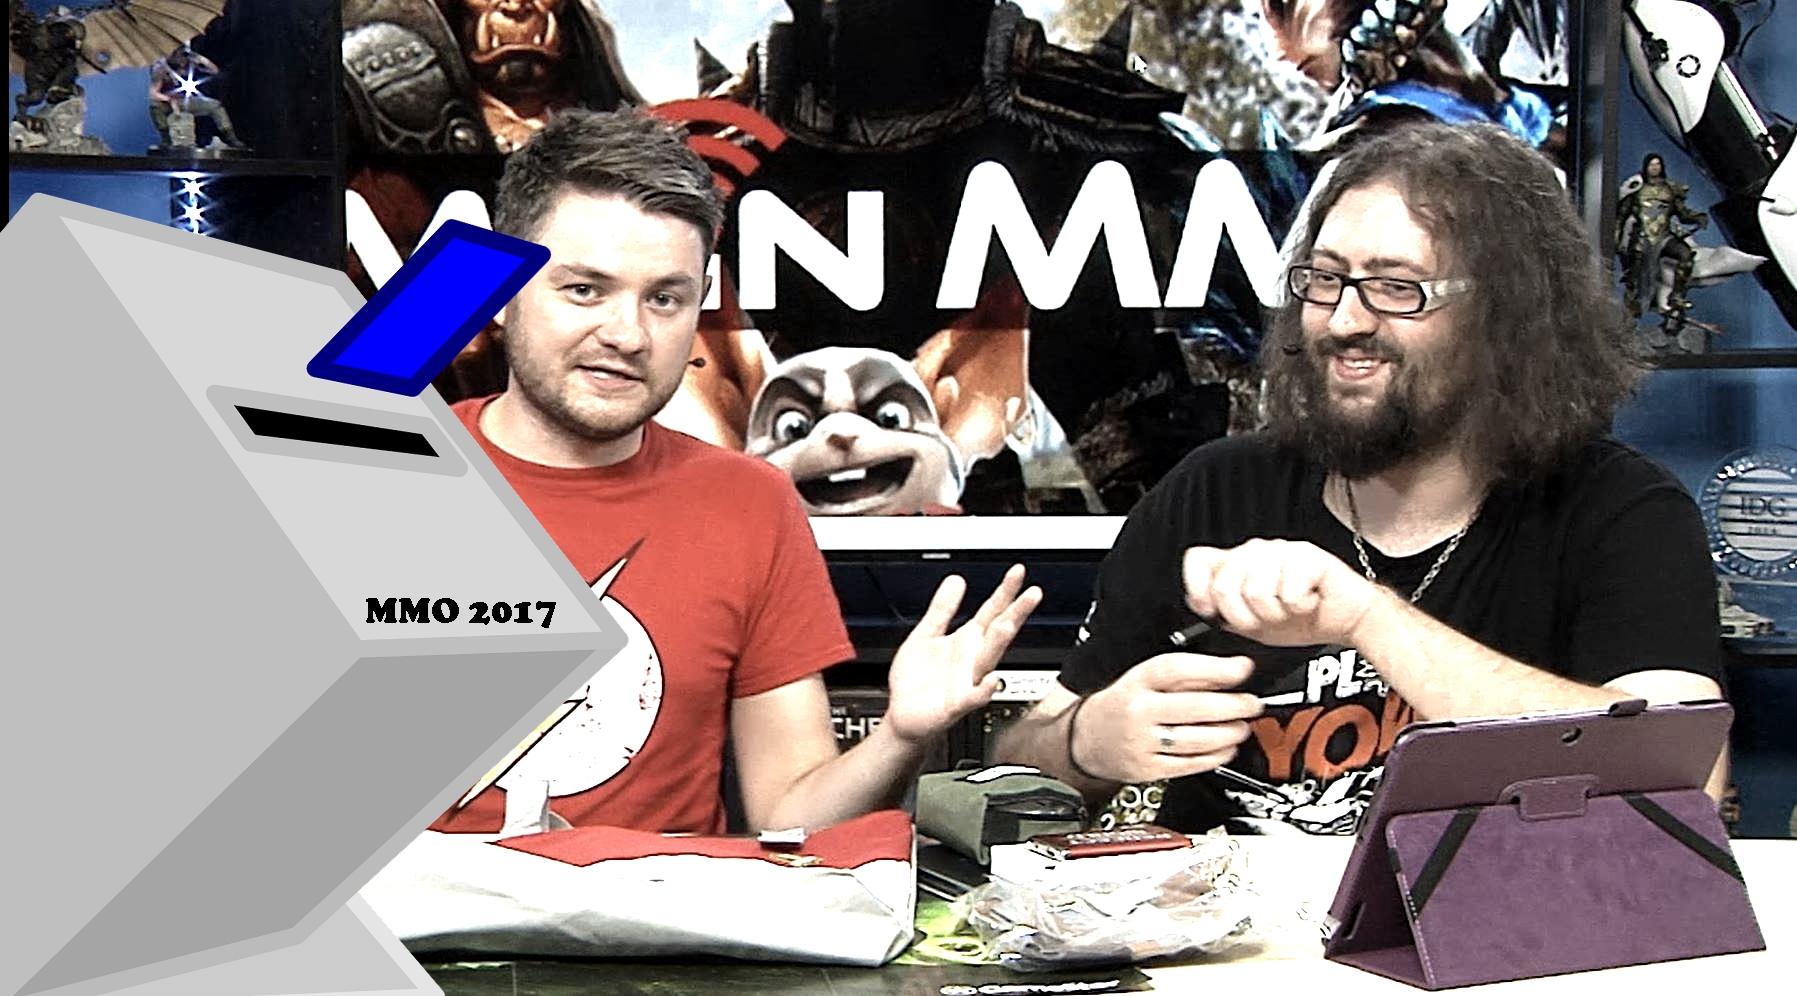 Mein MMO Umfrage: Auf welches dieser 13 MMORPG freut Ihr Euch in 2017?